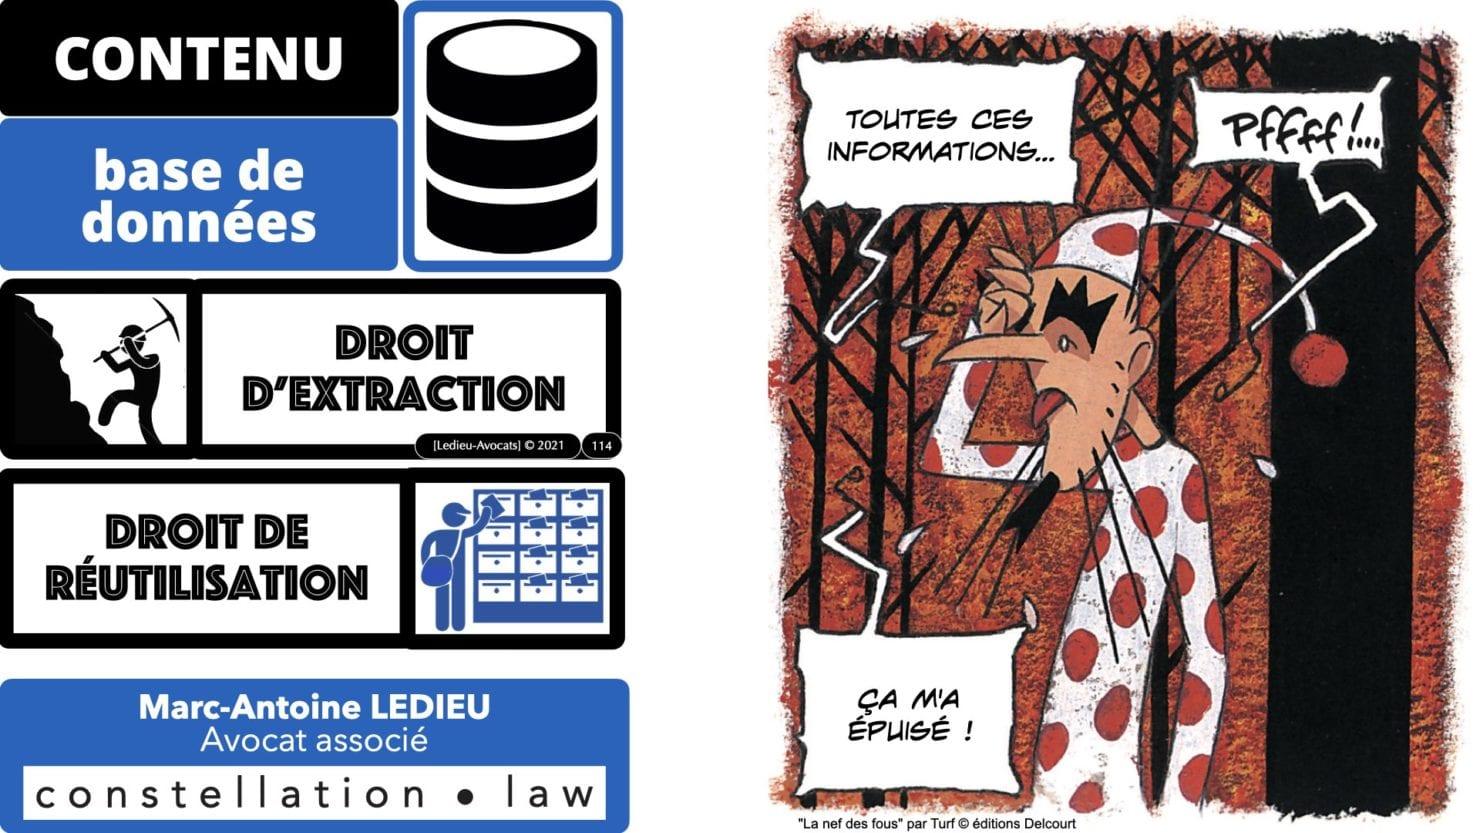 334 extraction indexation BASE DE DONNEES © Ledieu-avocat 24-05-2021.114